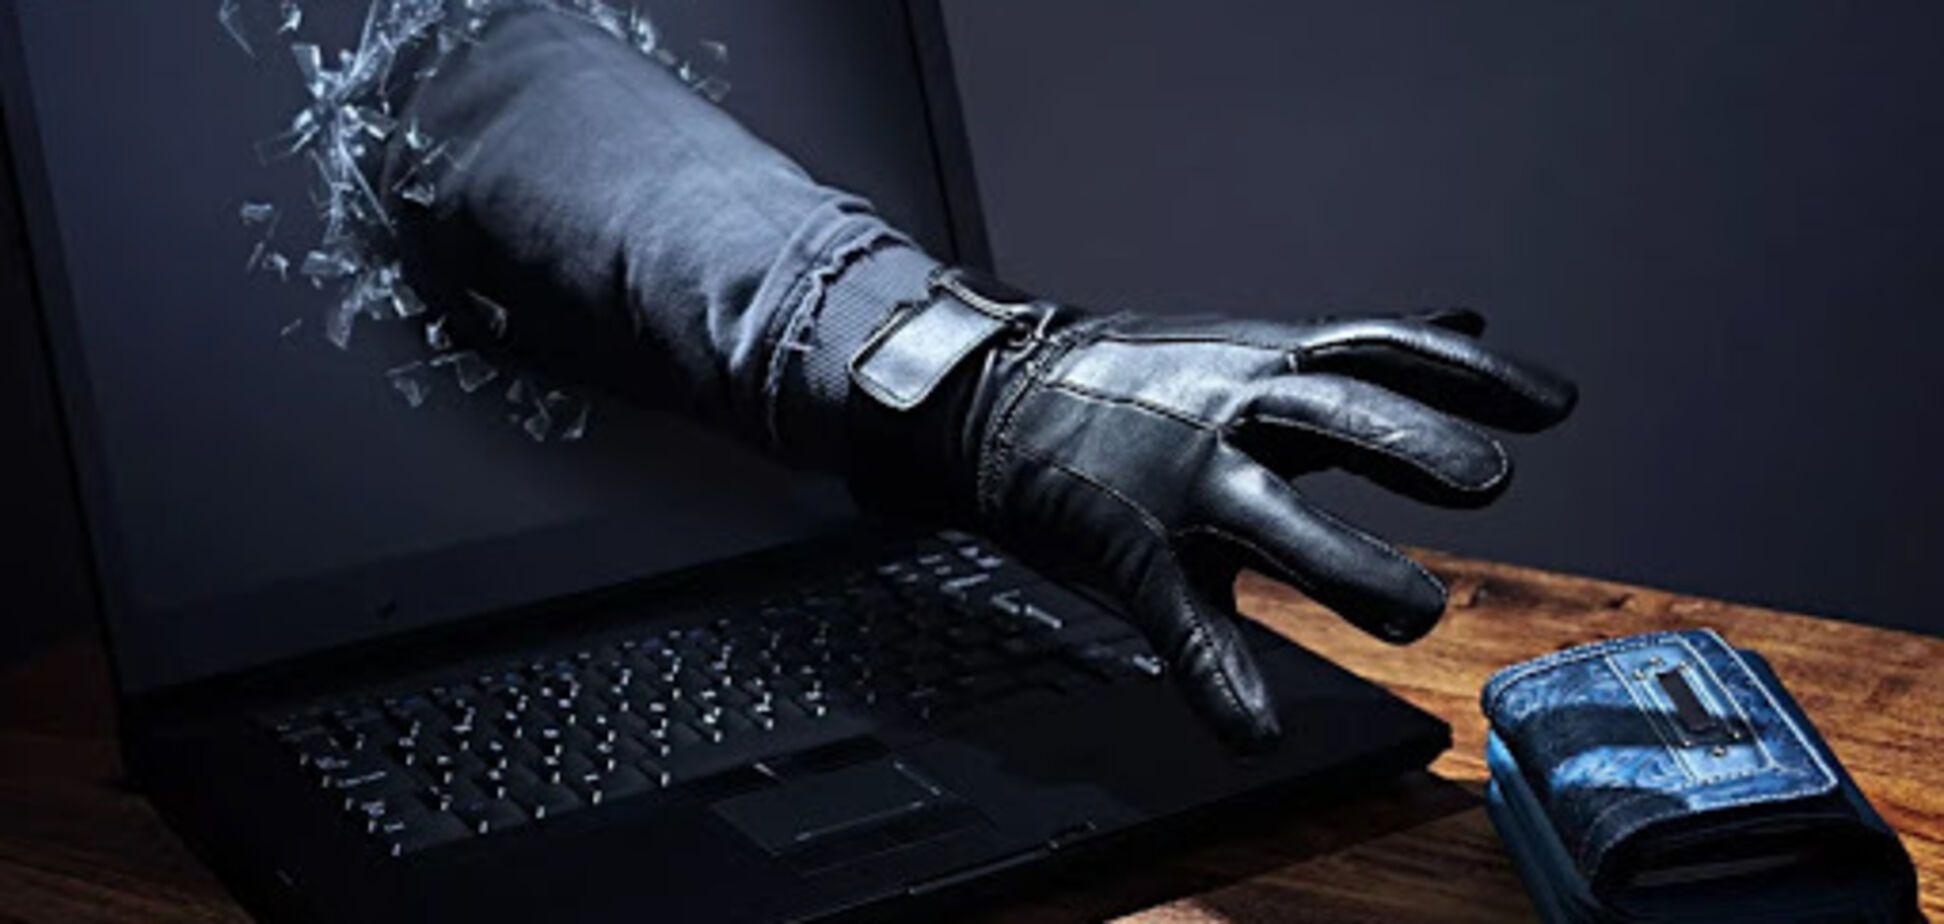 На Днепропетровщине заключенный наживался на людях через собственный интернет-магазин